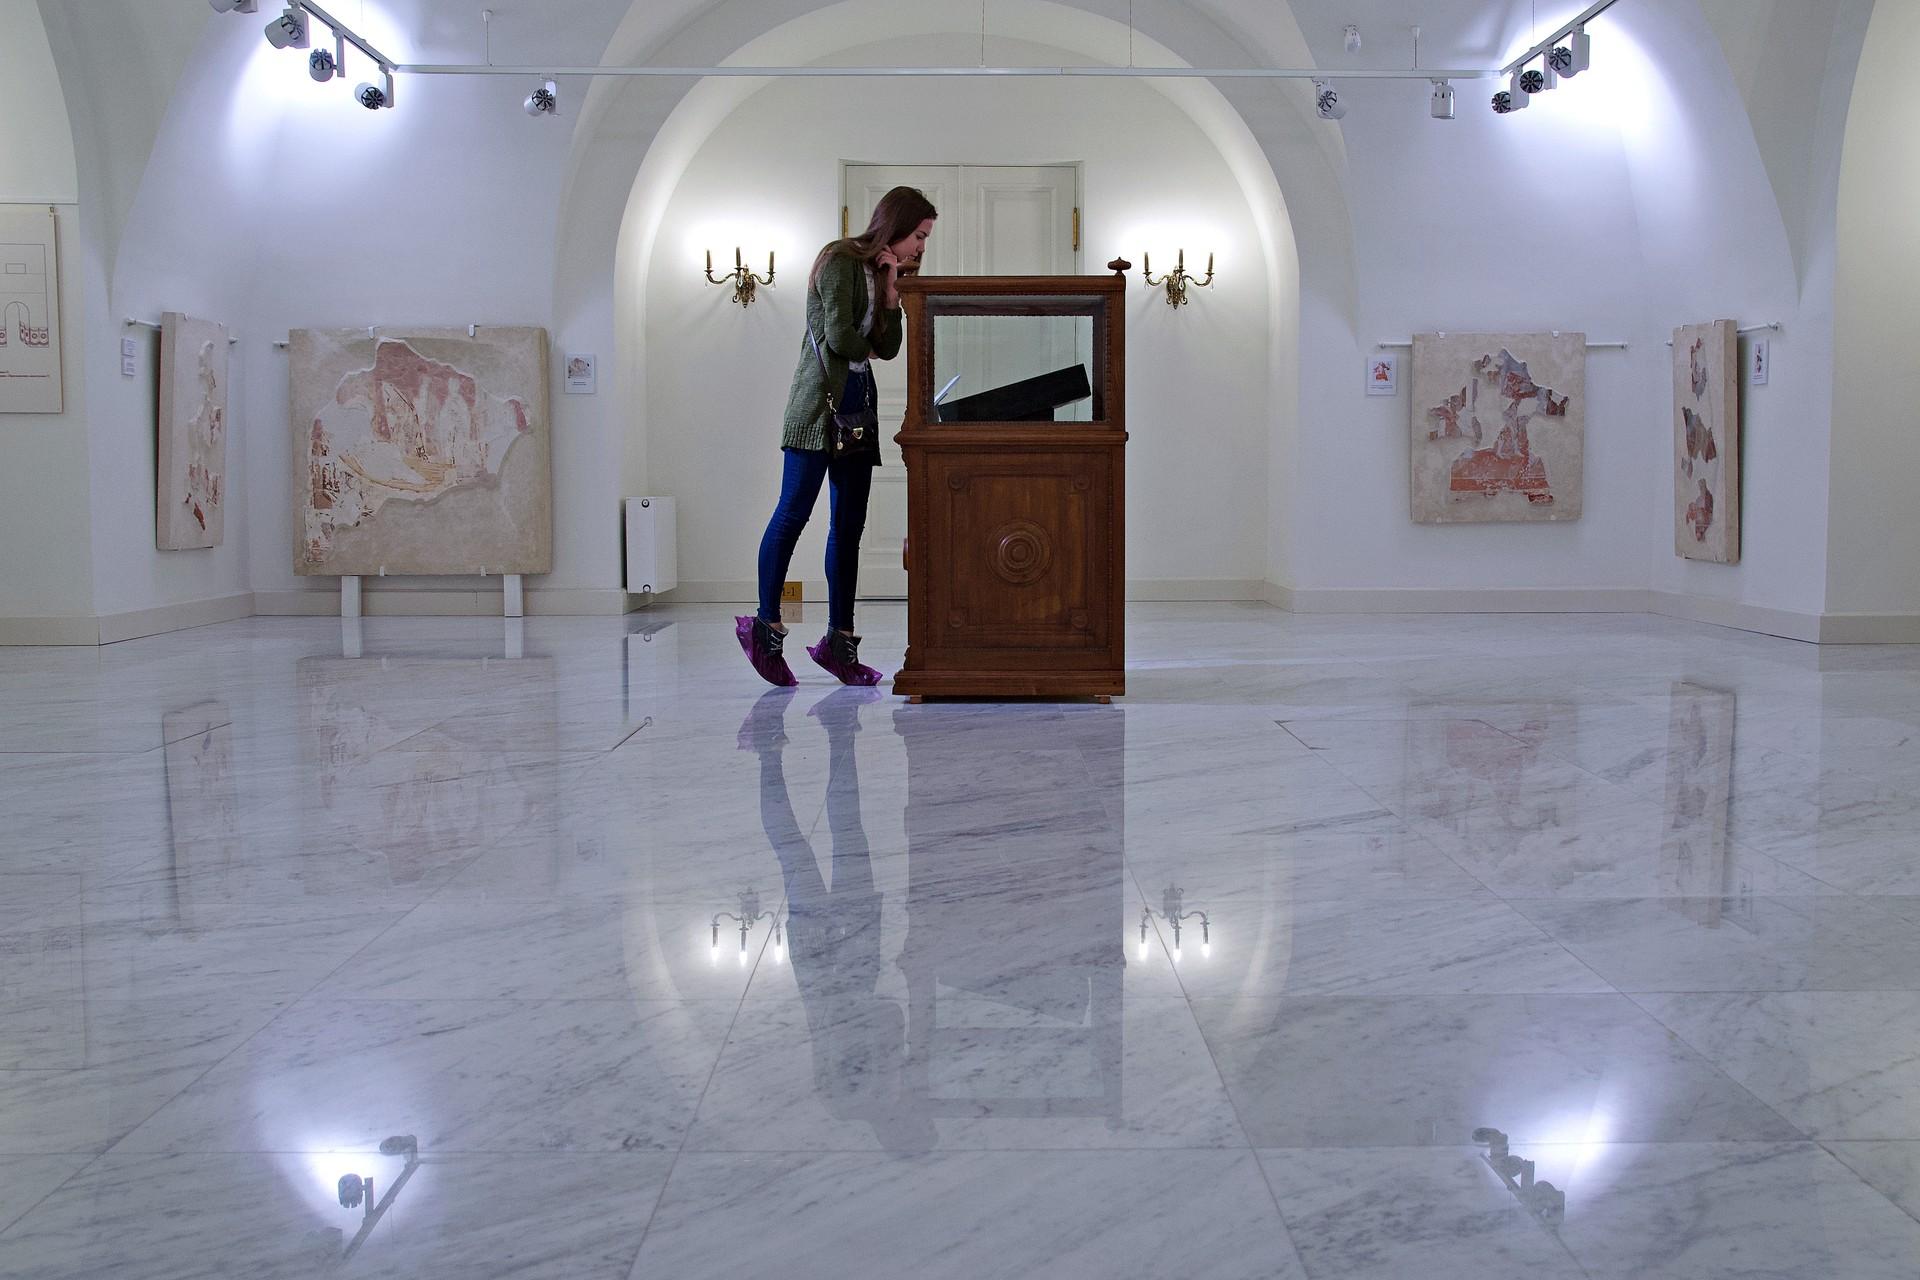 Im Bereich der altrussischen Kunst bestaunen Besucher zahlreiche restaurierte Ikonen, Fresken- und Mosaikfragmente der ältesten Kirchen der Region. Auch die Säle selbst erinnern an die Innenräume der Gotteshäuser.